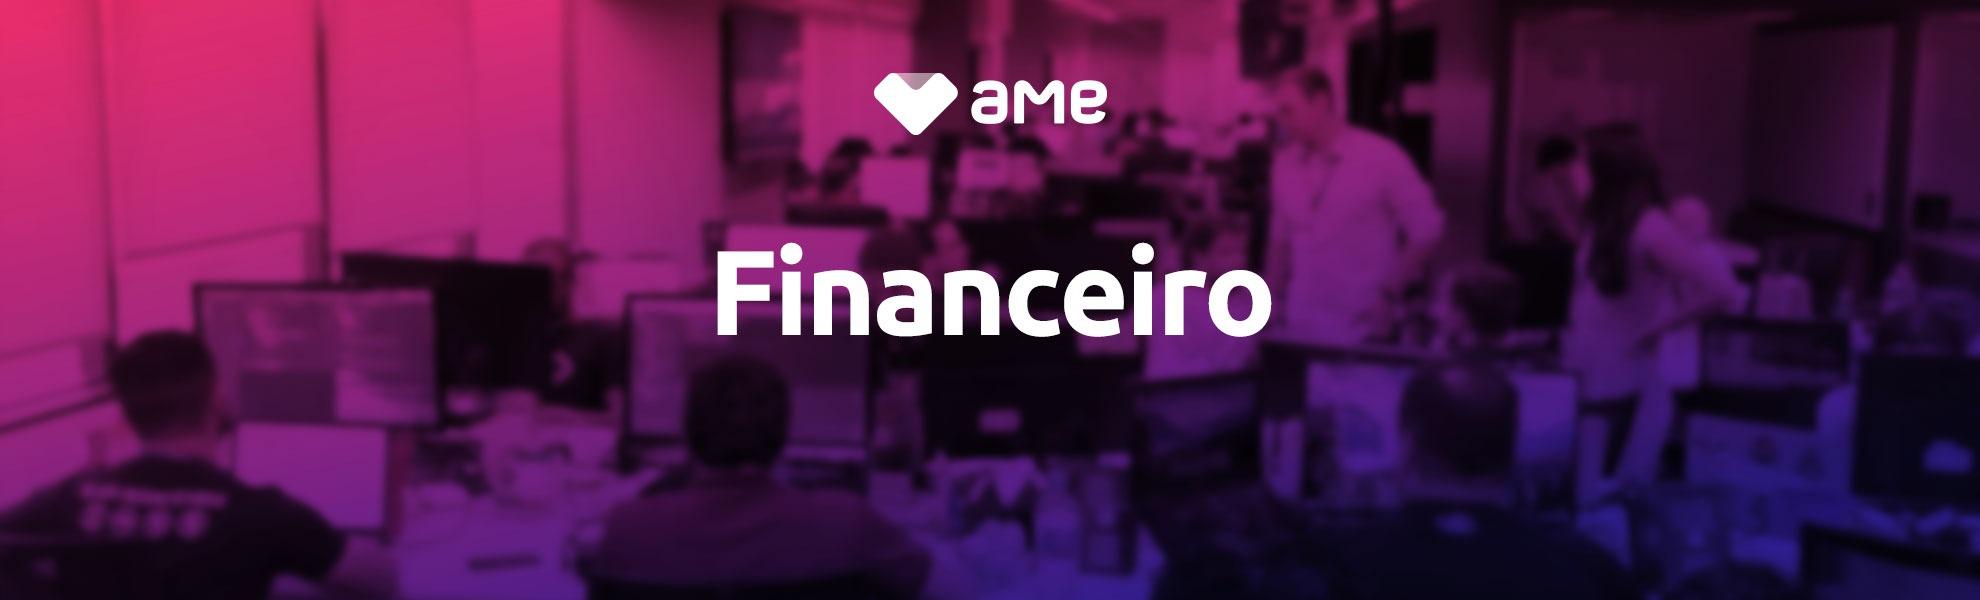 Coordenador(a) de Planejamento Financeiro